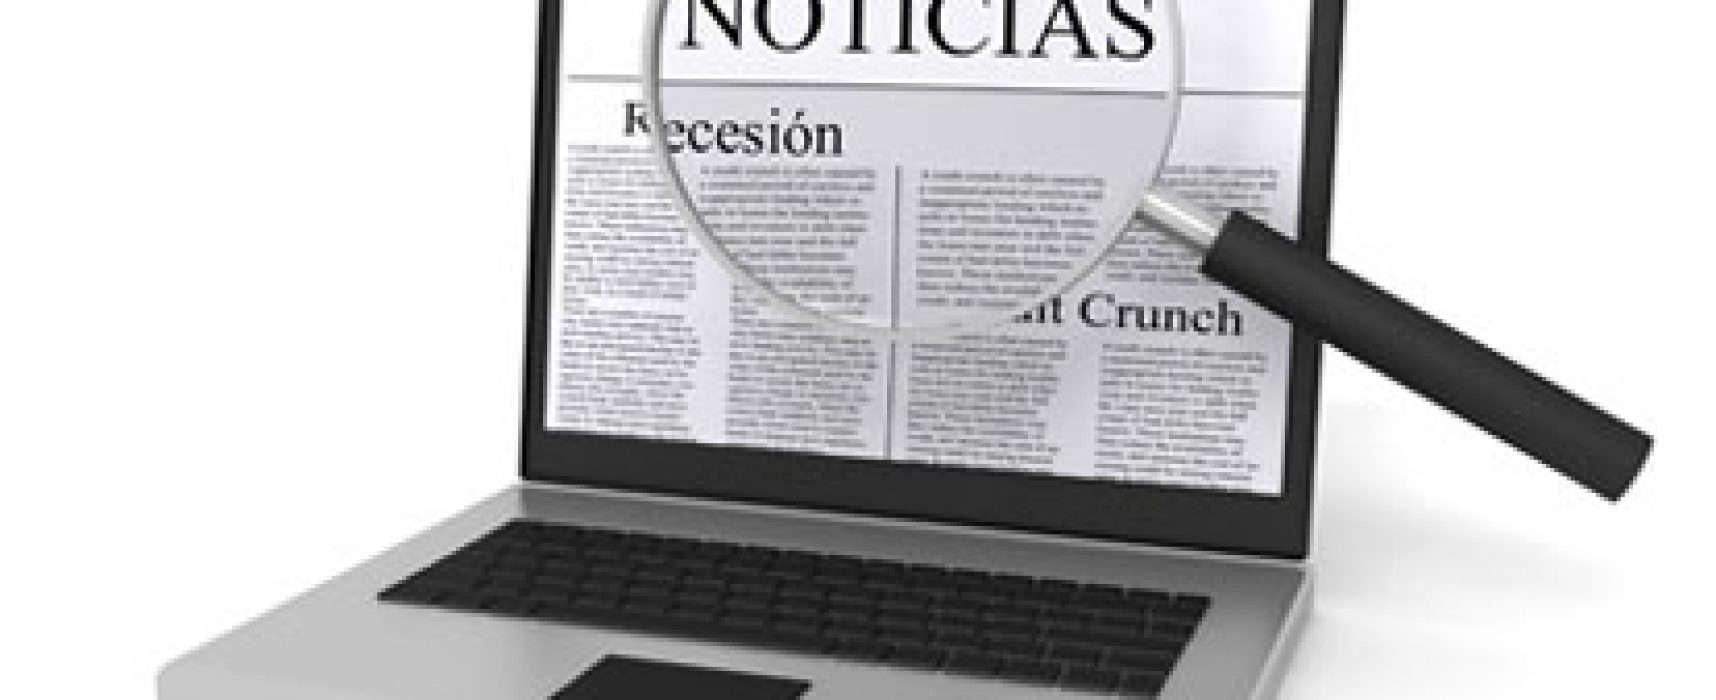 Hacia una mejor comprensión del fenómeno de las noticias falsas